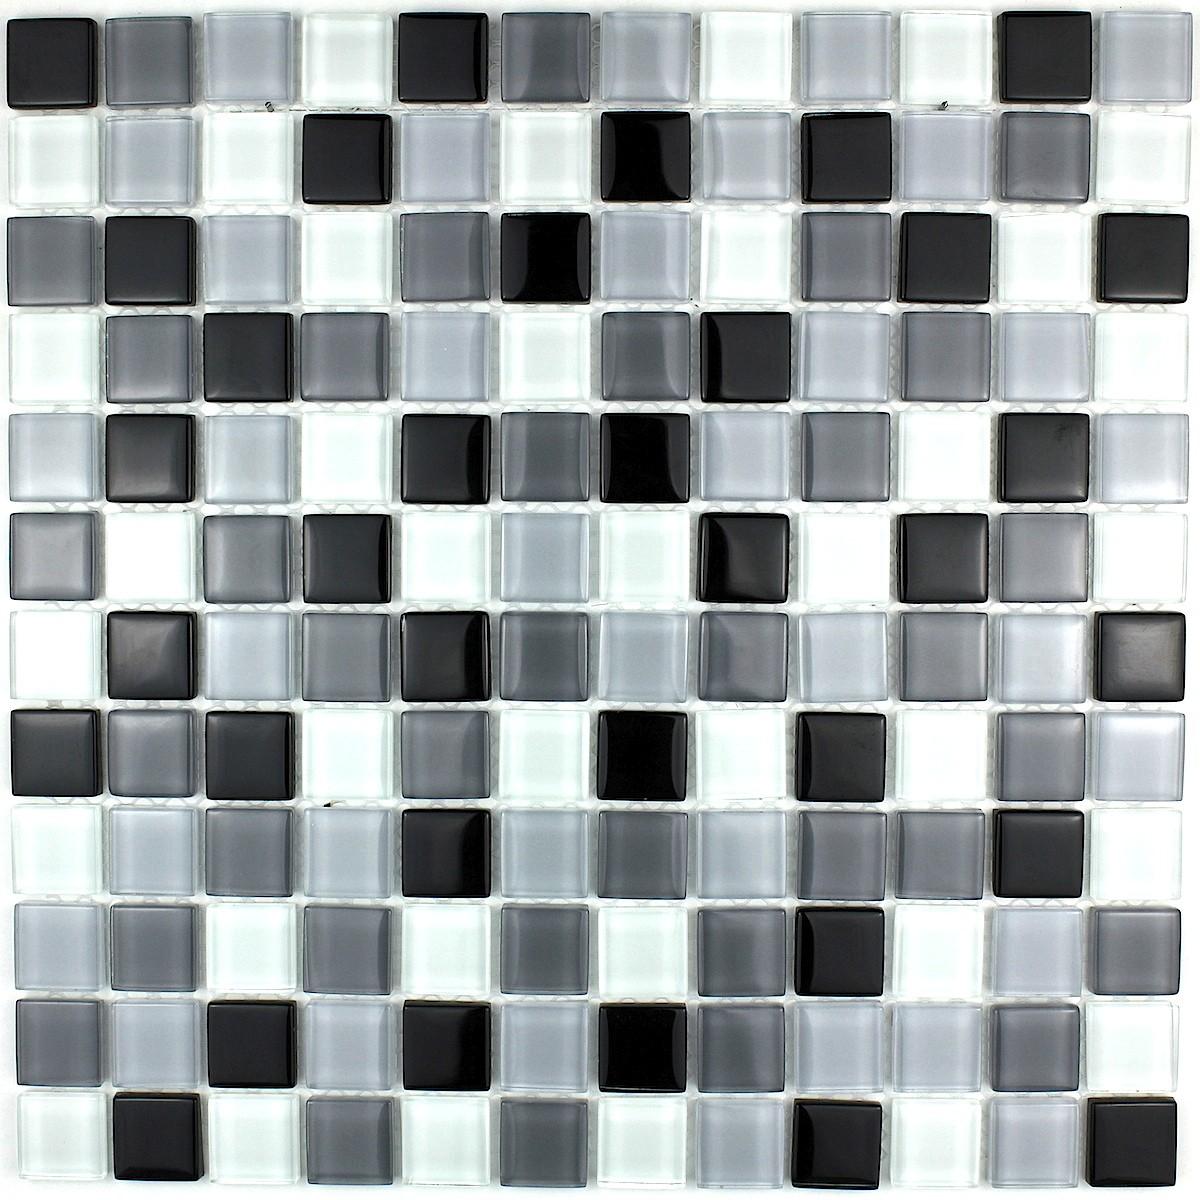 mosaique carrelage verre salle de bain douche noir mix carrelage mosaique - Mosaique Salle De Bain